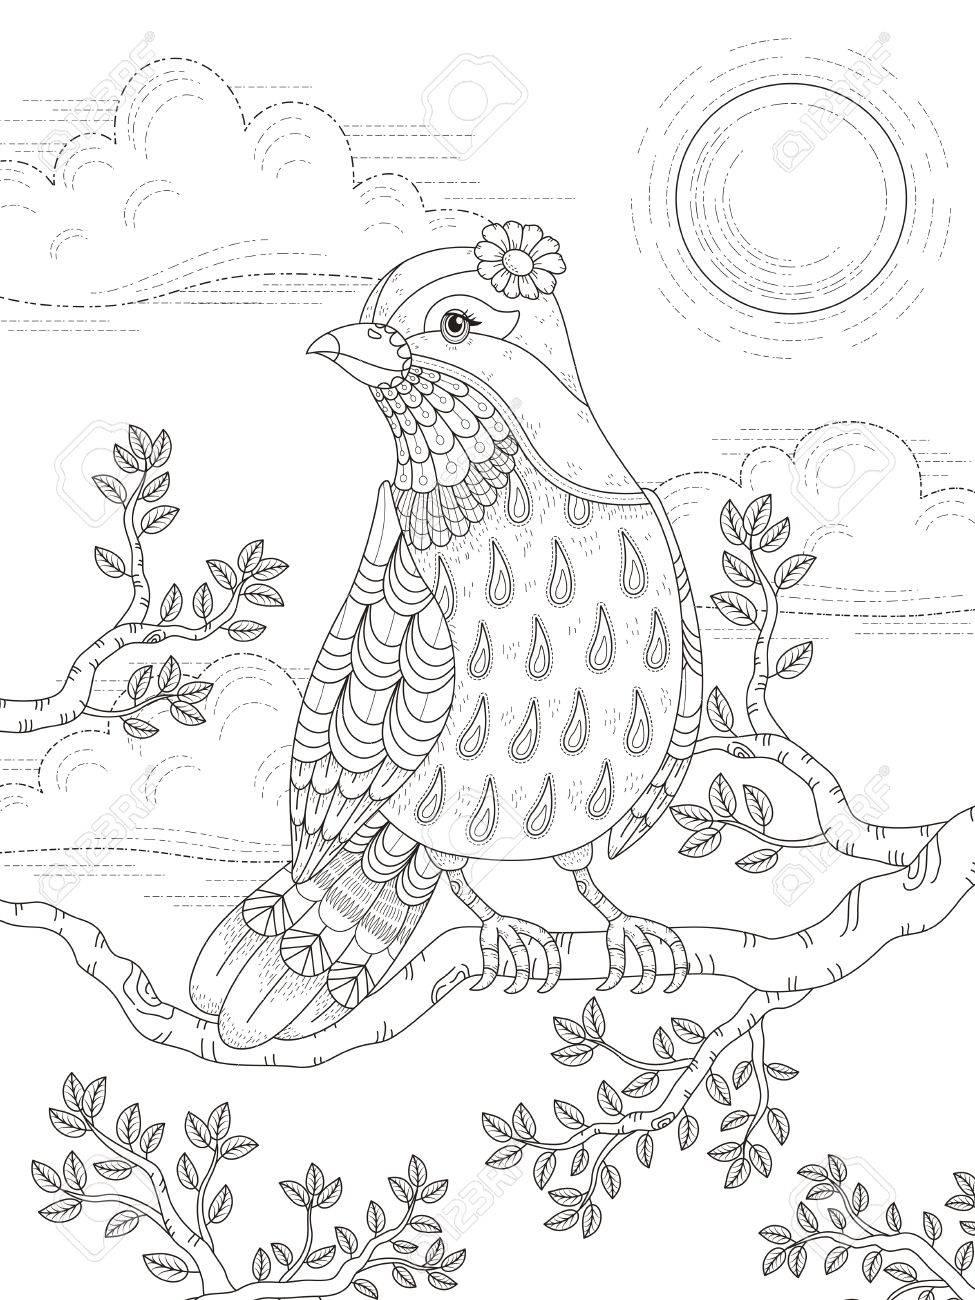 Erwachsener Malvorlagen Mit Schönen Dame Vogel Im Baum Lizenzfrei